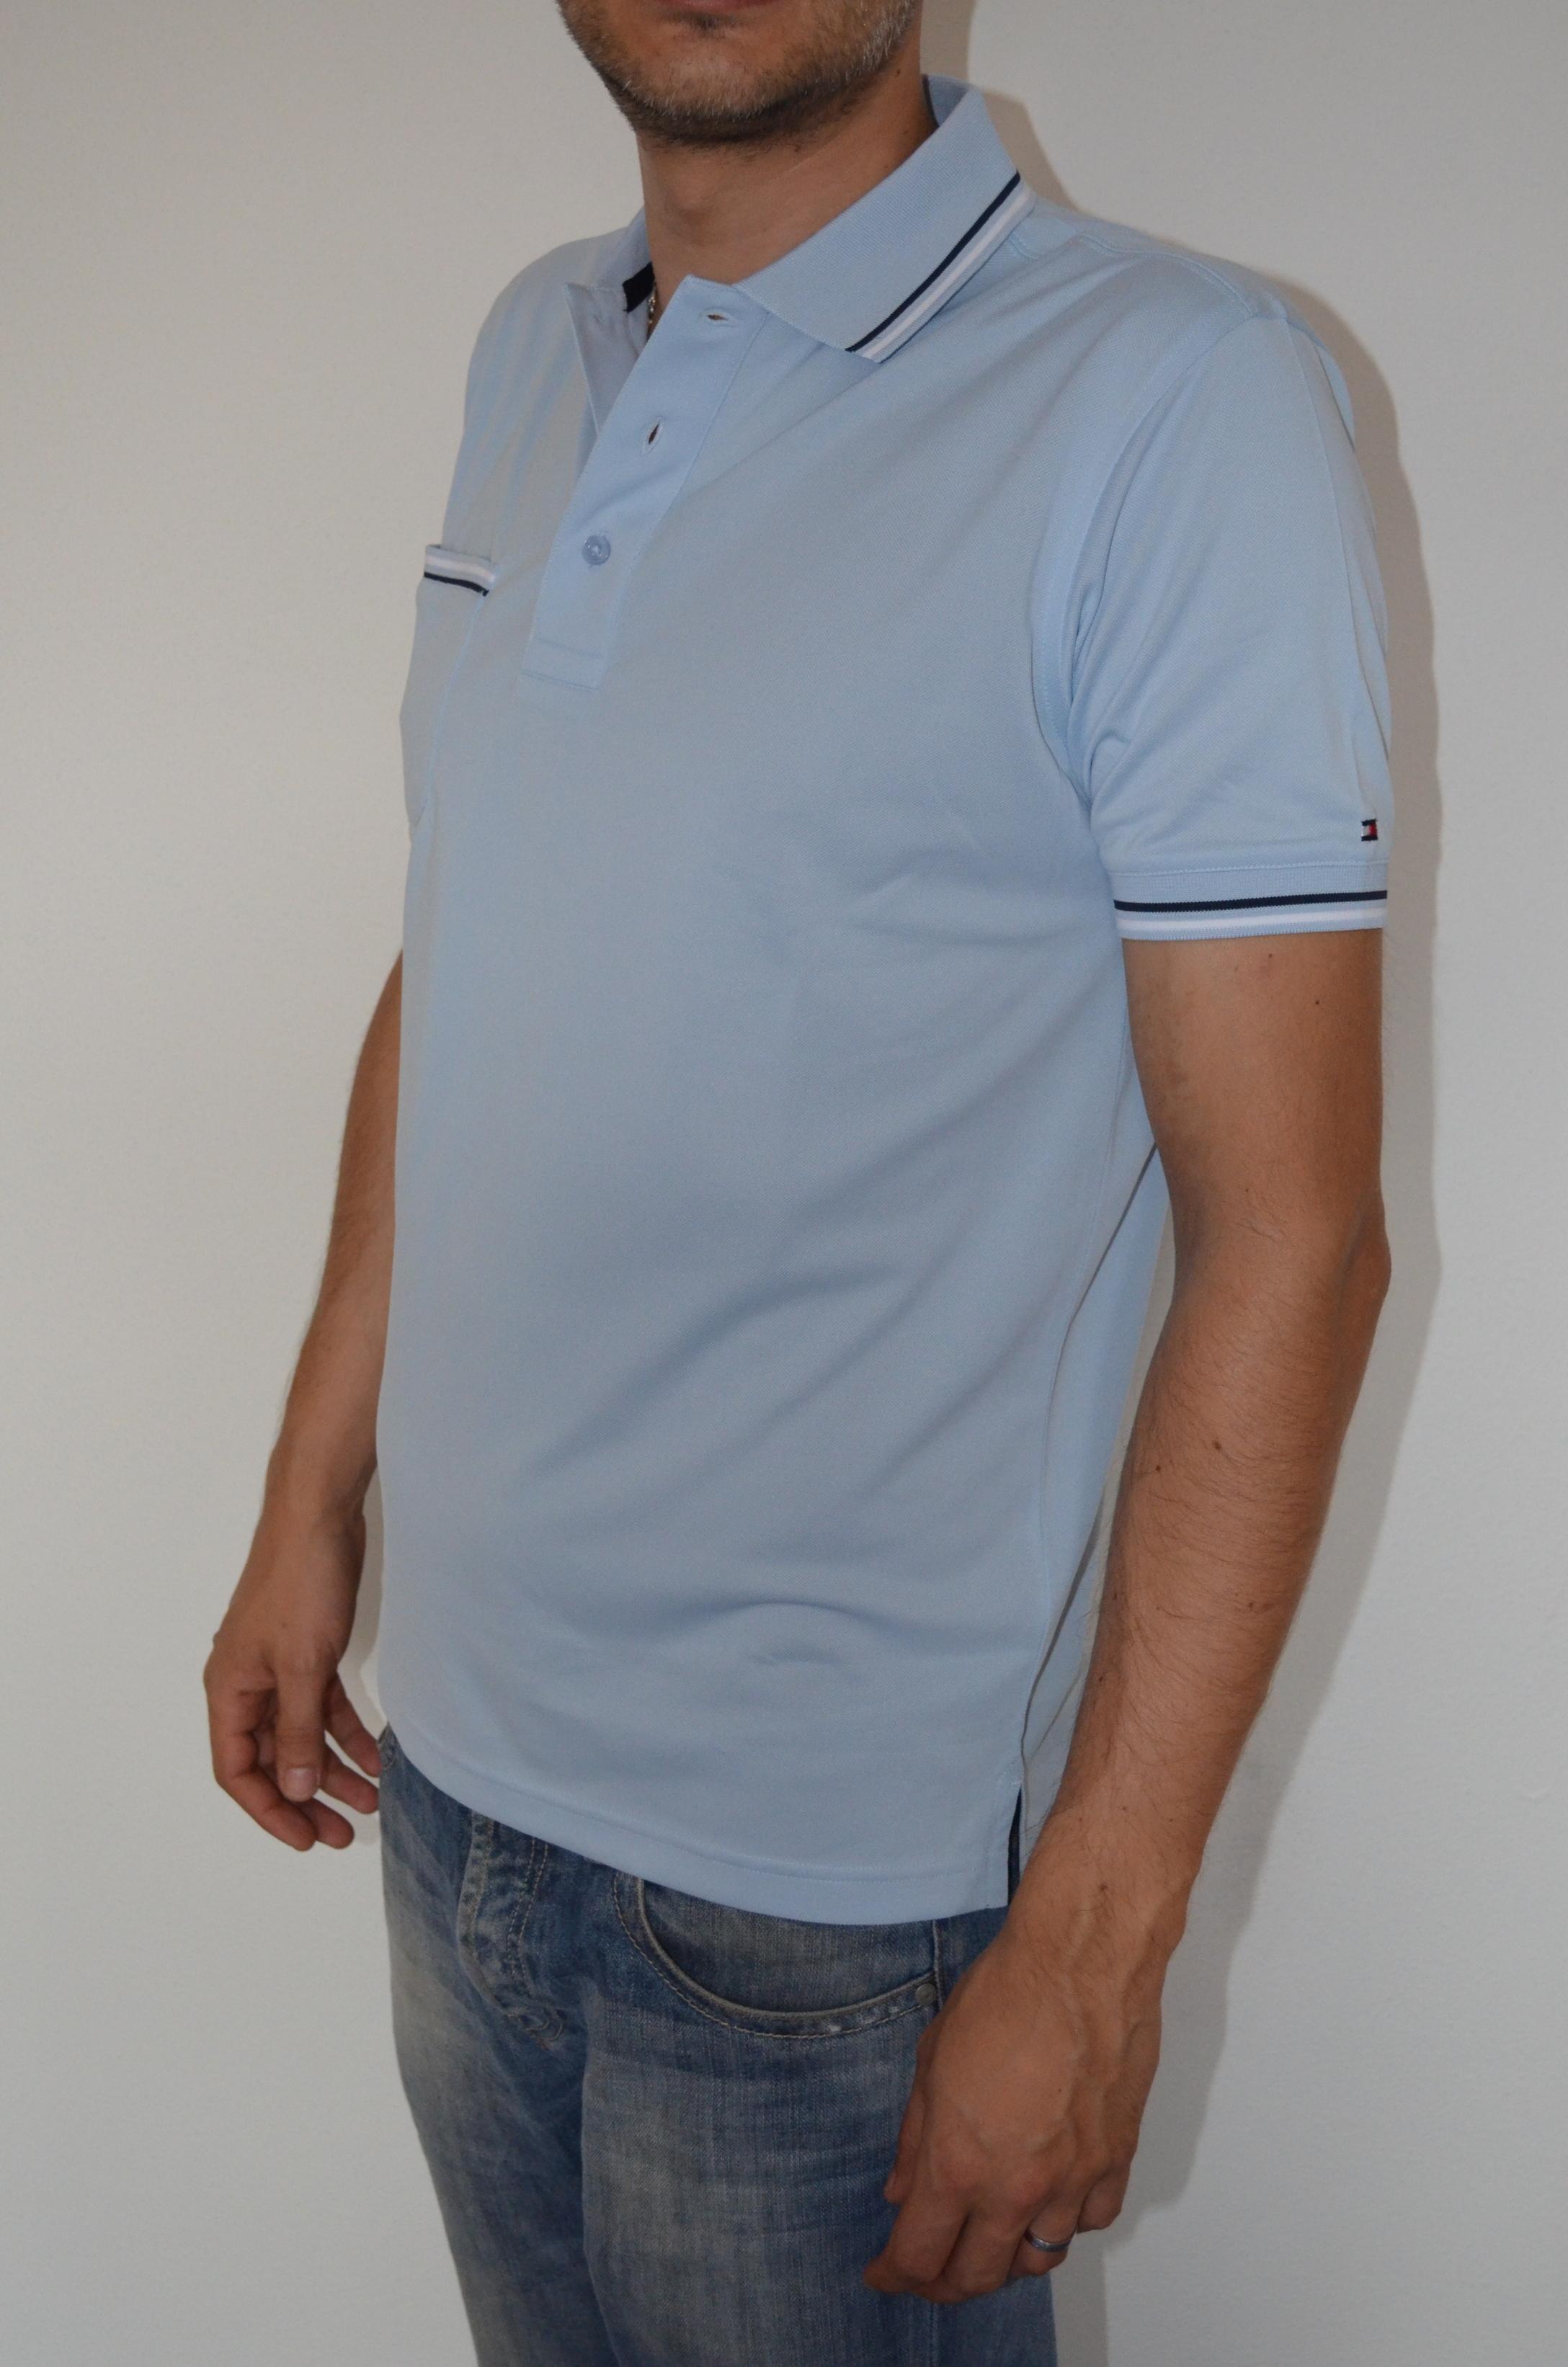 Tommy Hilfiger pánské golf polo triko sv.modrá velikost: S